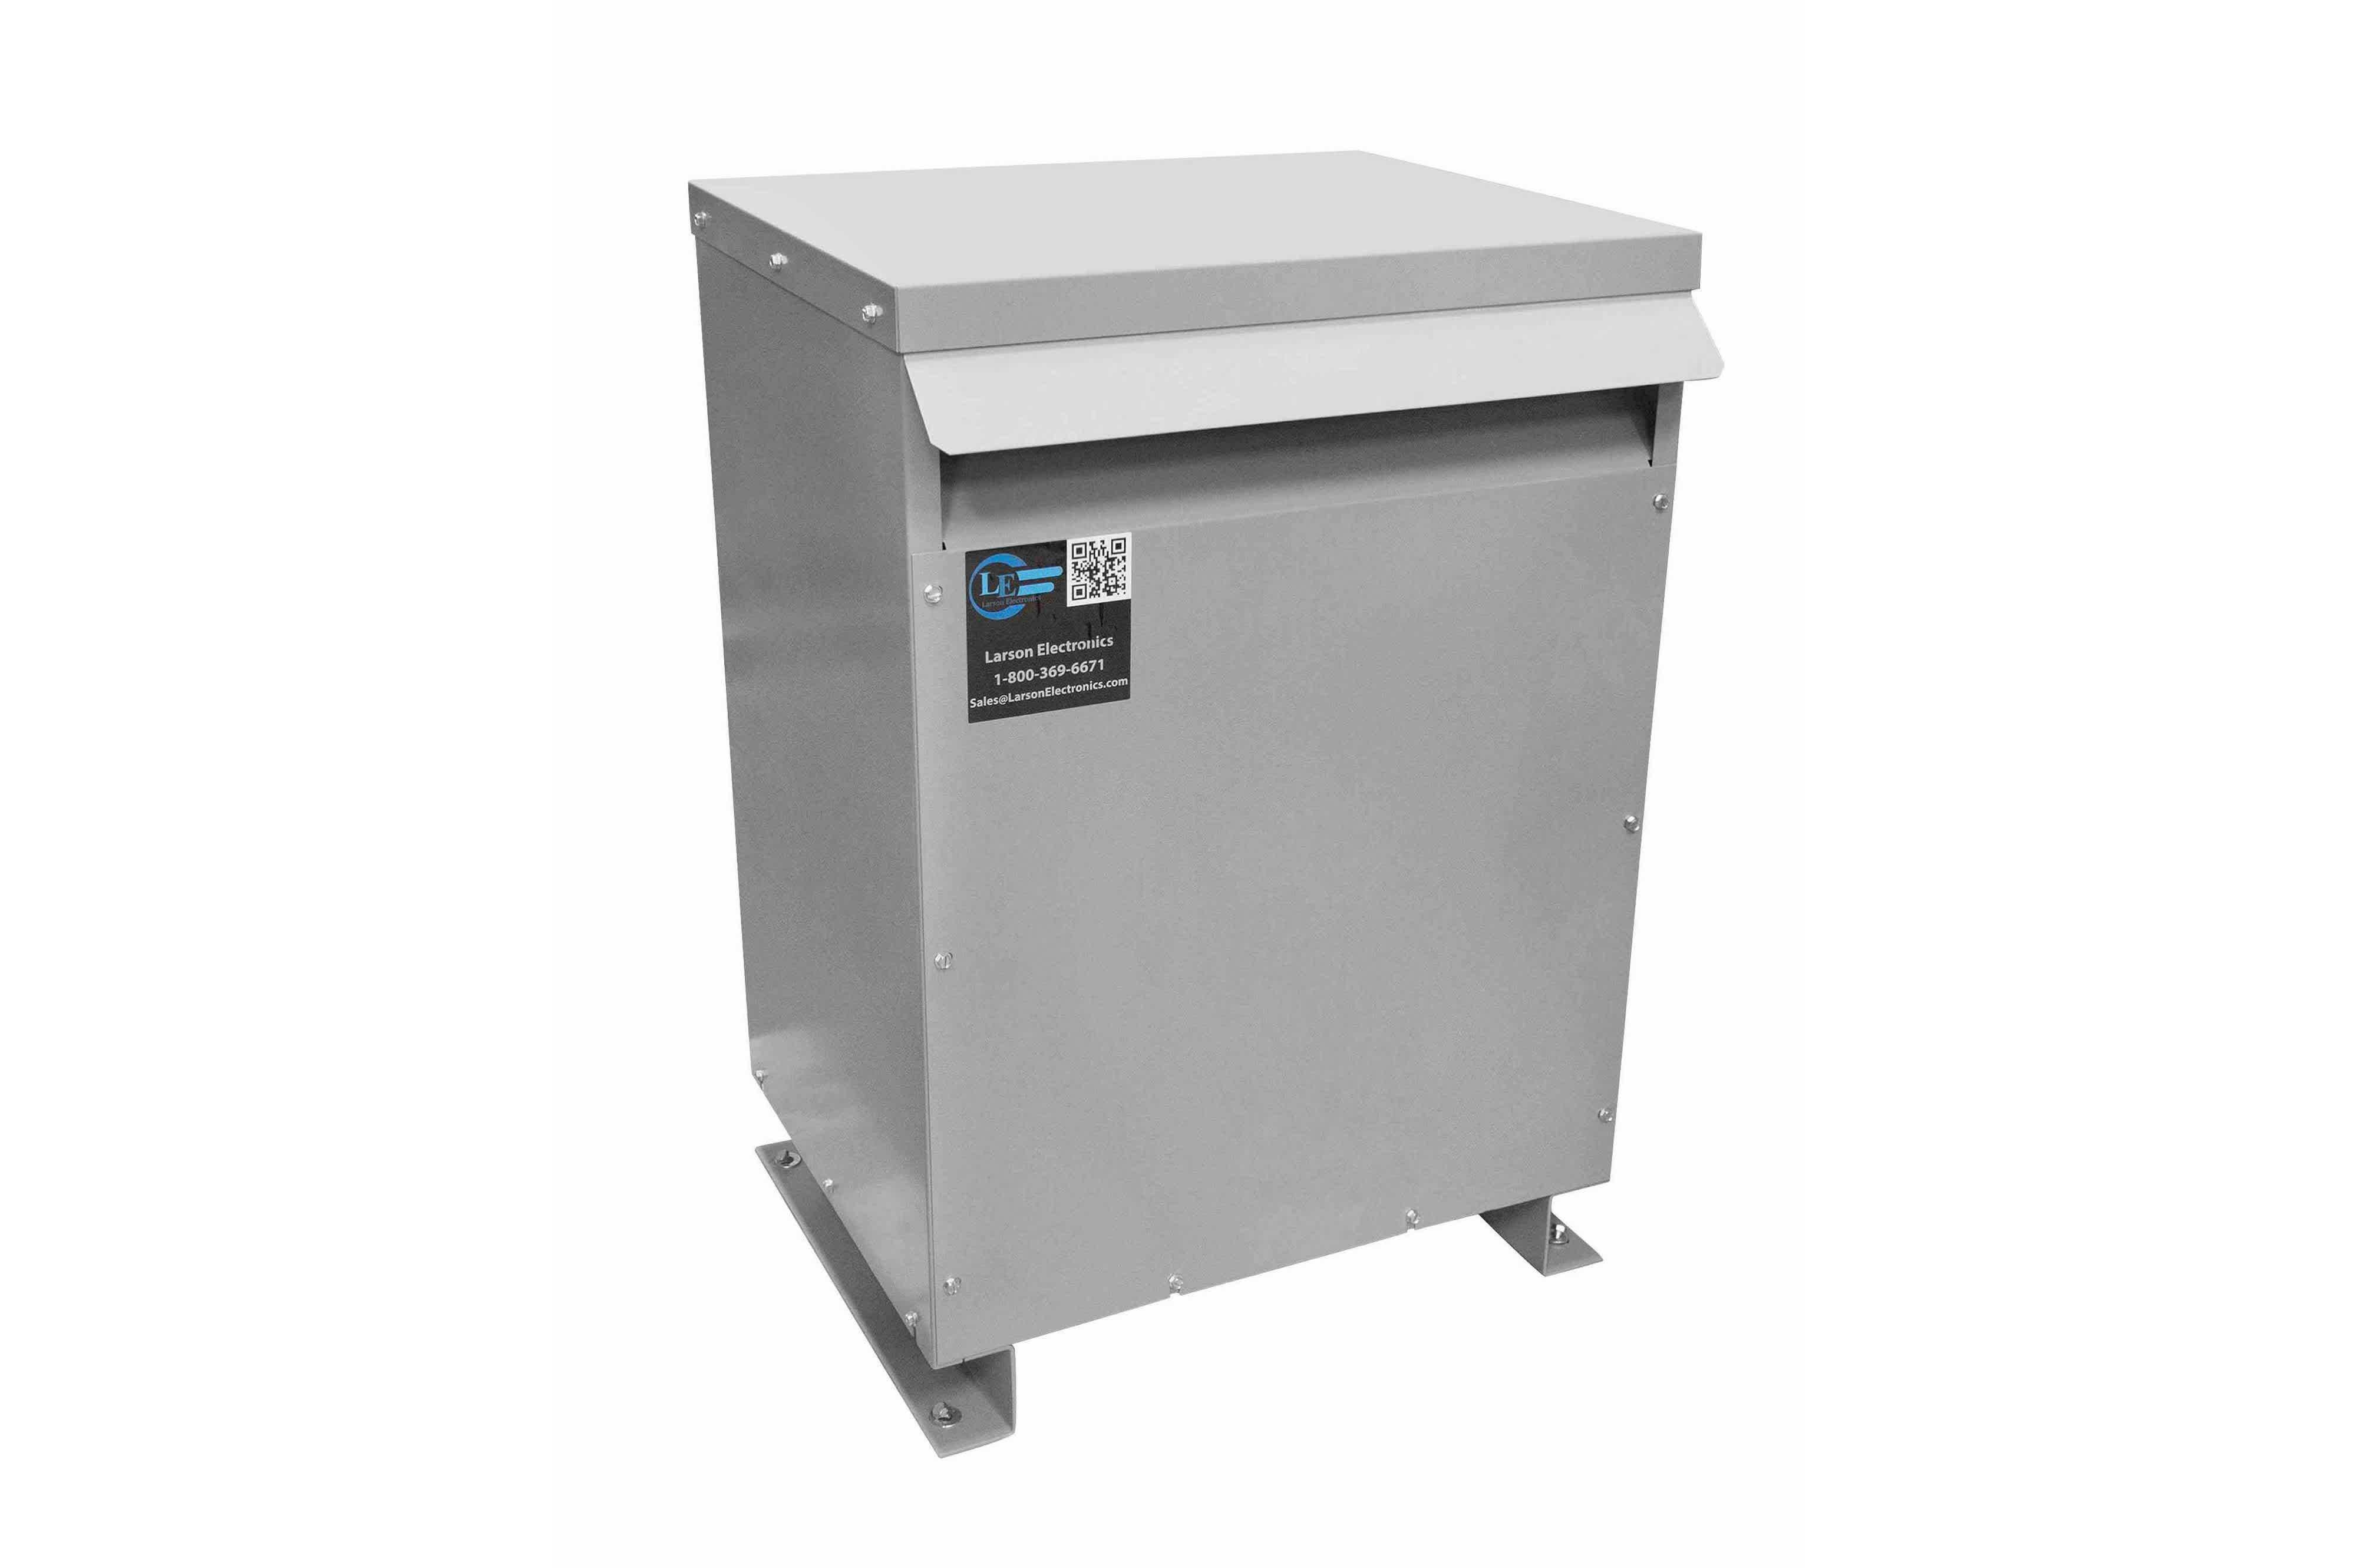 20 kVA 3PH Isolation Transformer, 208V Delta Primary, 400V Delta Secondary, N3R, Ventilated, 60 Hz